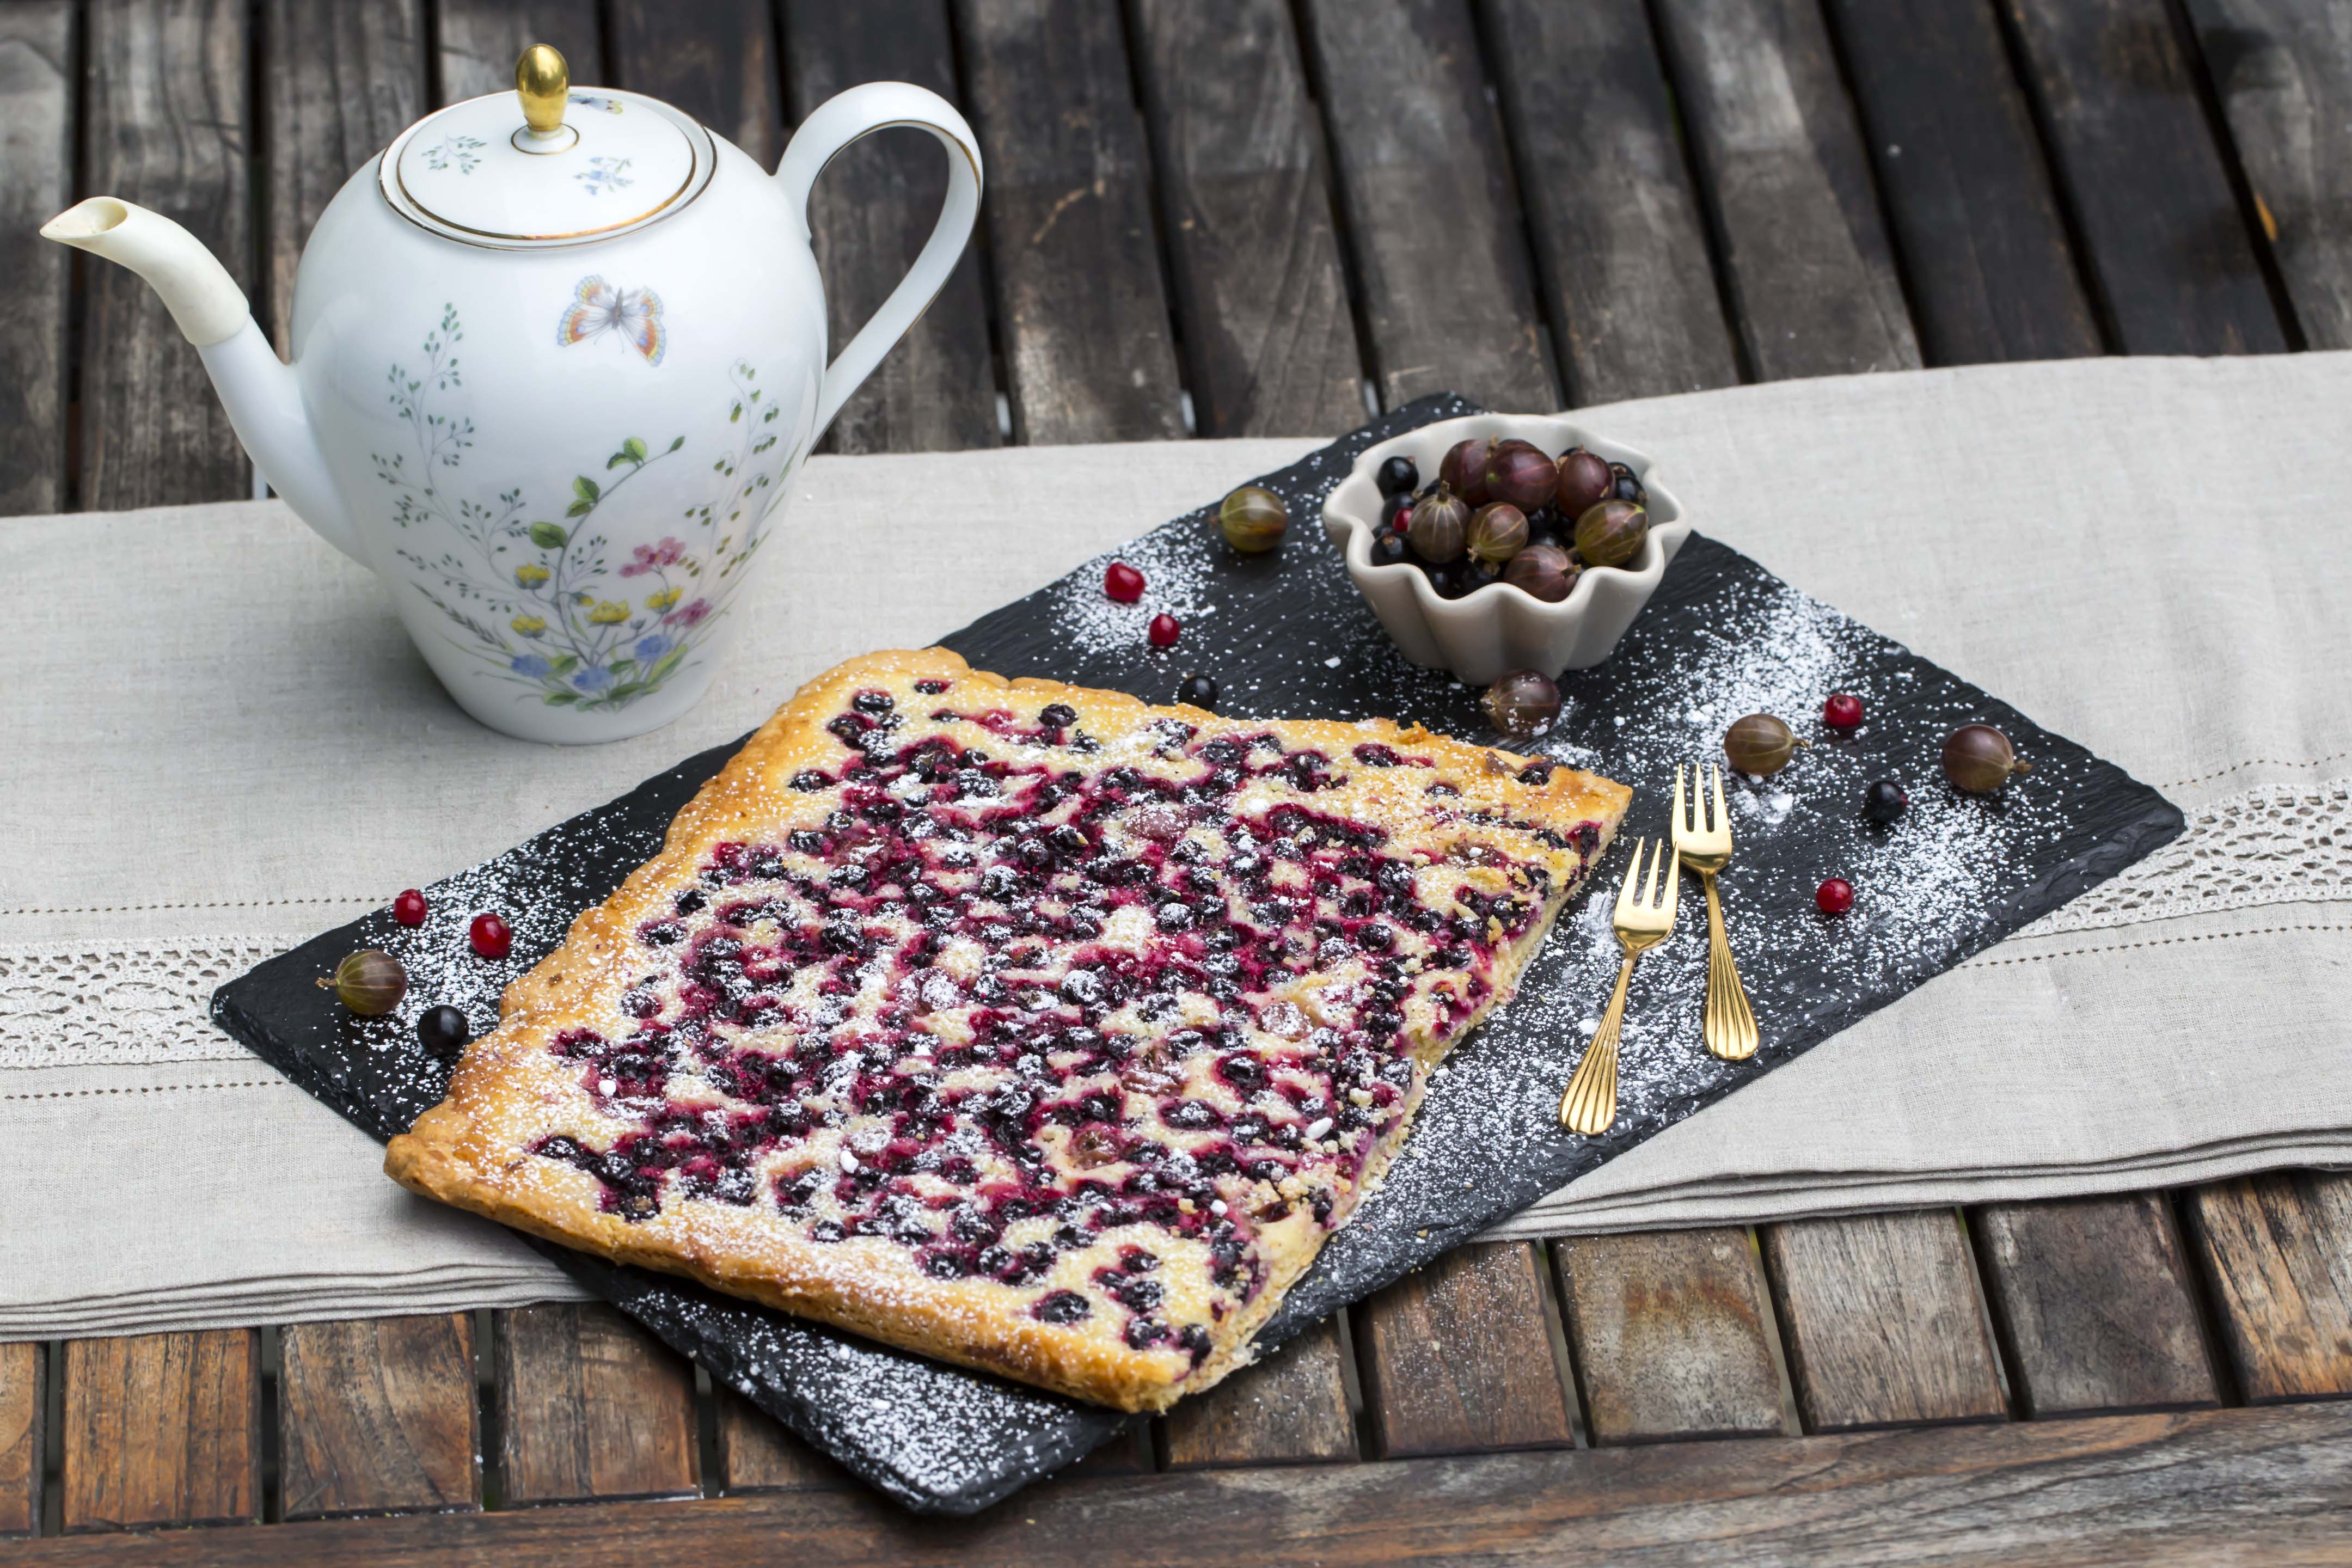 Blechkuchen mit Beeren auf einer dunklen, mit Puderzucker bestäubten Schieferplatte. Daneben ein Schälchen mit Johannis- und Stachelbeeren. Im Hintergrund eine Kaffeekanne.